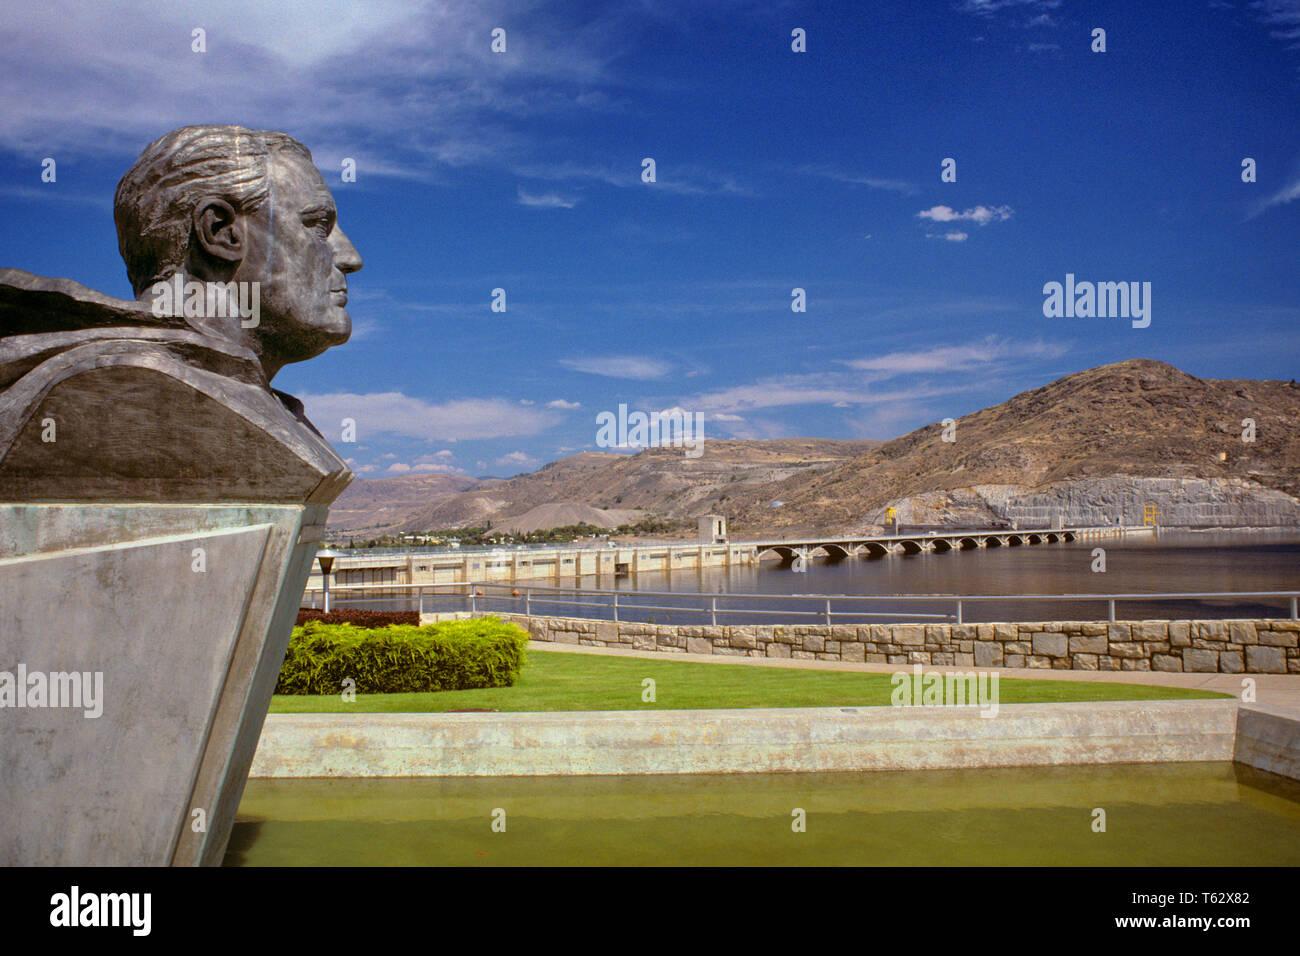 Années 1990 Buste de Franklin D. Roosevelt DONNE SUR LE RÉSERVOIR ET le barrage Grand Coulee l'État de Washington, USA - ki9841 KRU001 HARS 1942 PRÉSIDENTS DIRIGEANTS RÉSERVOIR CONCEPTUEL DONNE SUR L'ANCIENNE 1933 Photo Stock